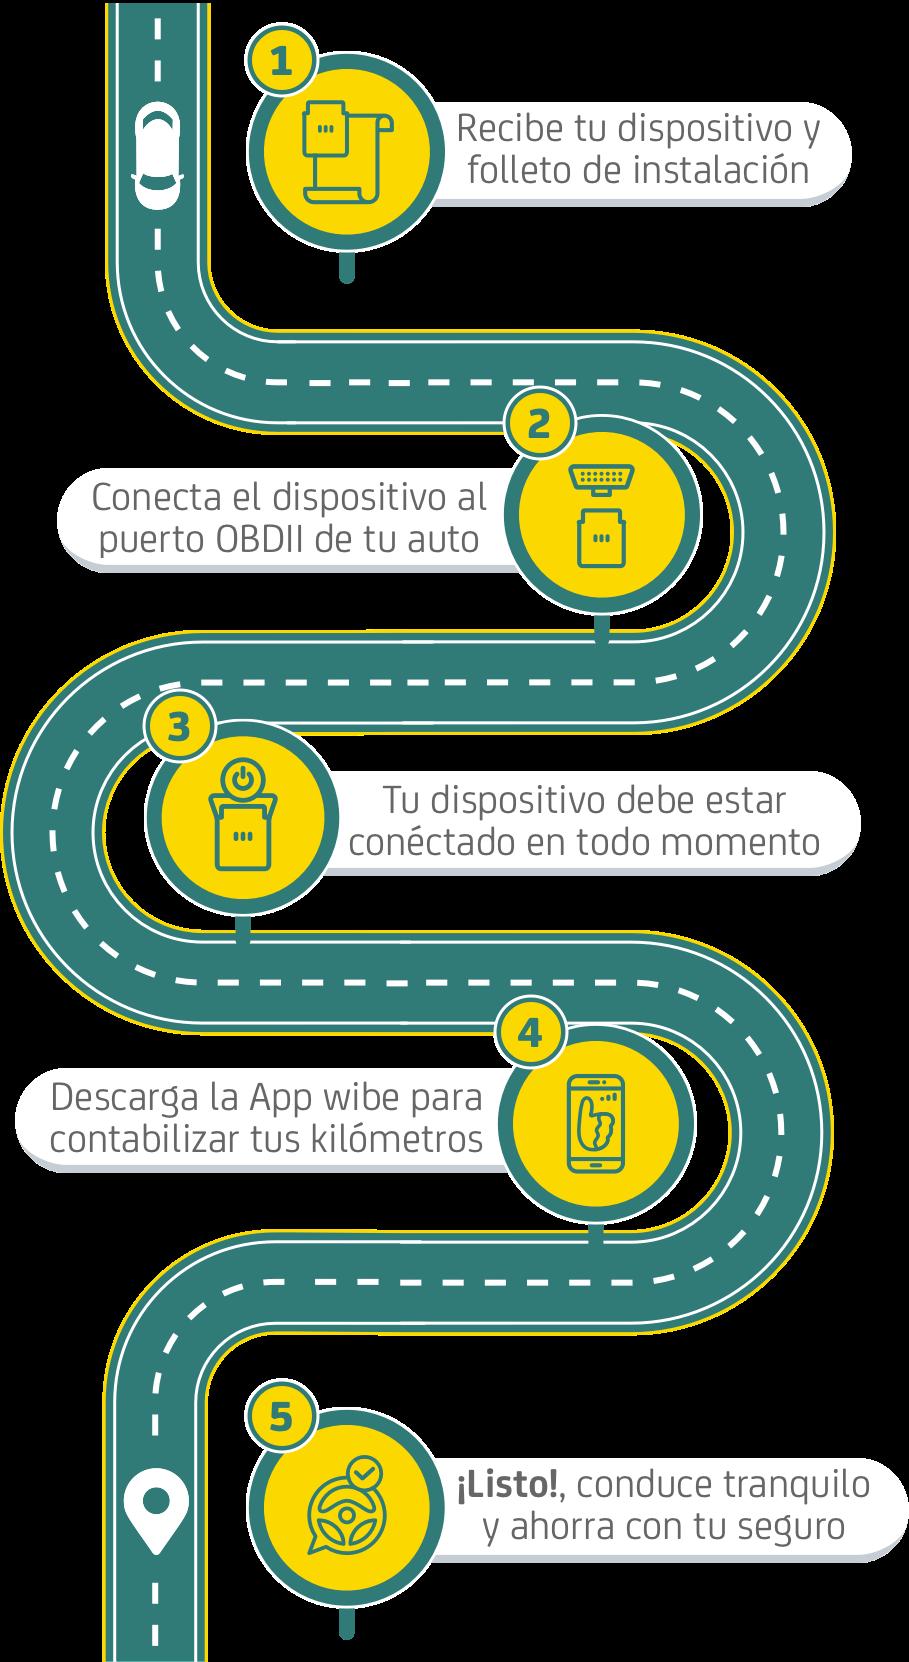 ¿Cómo funciona el seguro por km?